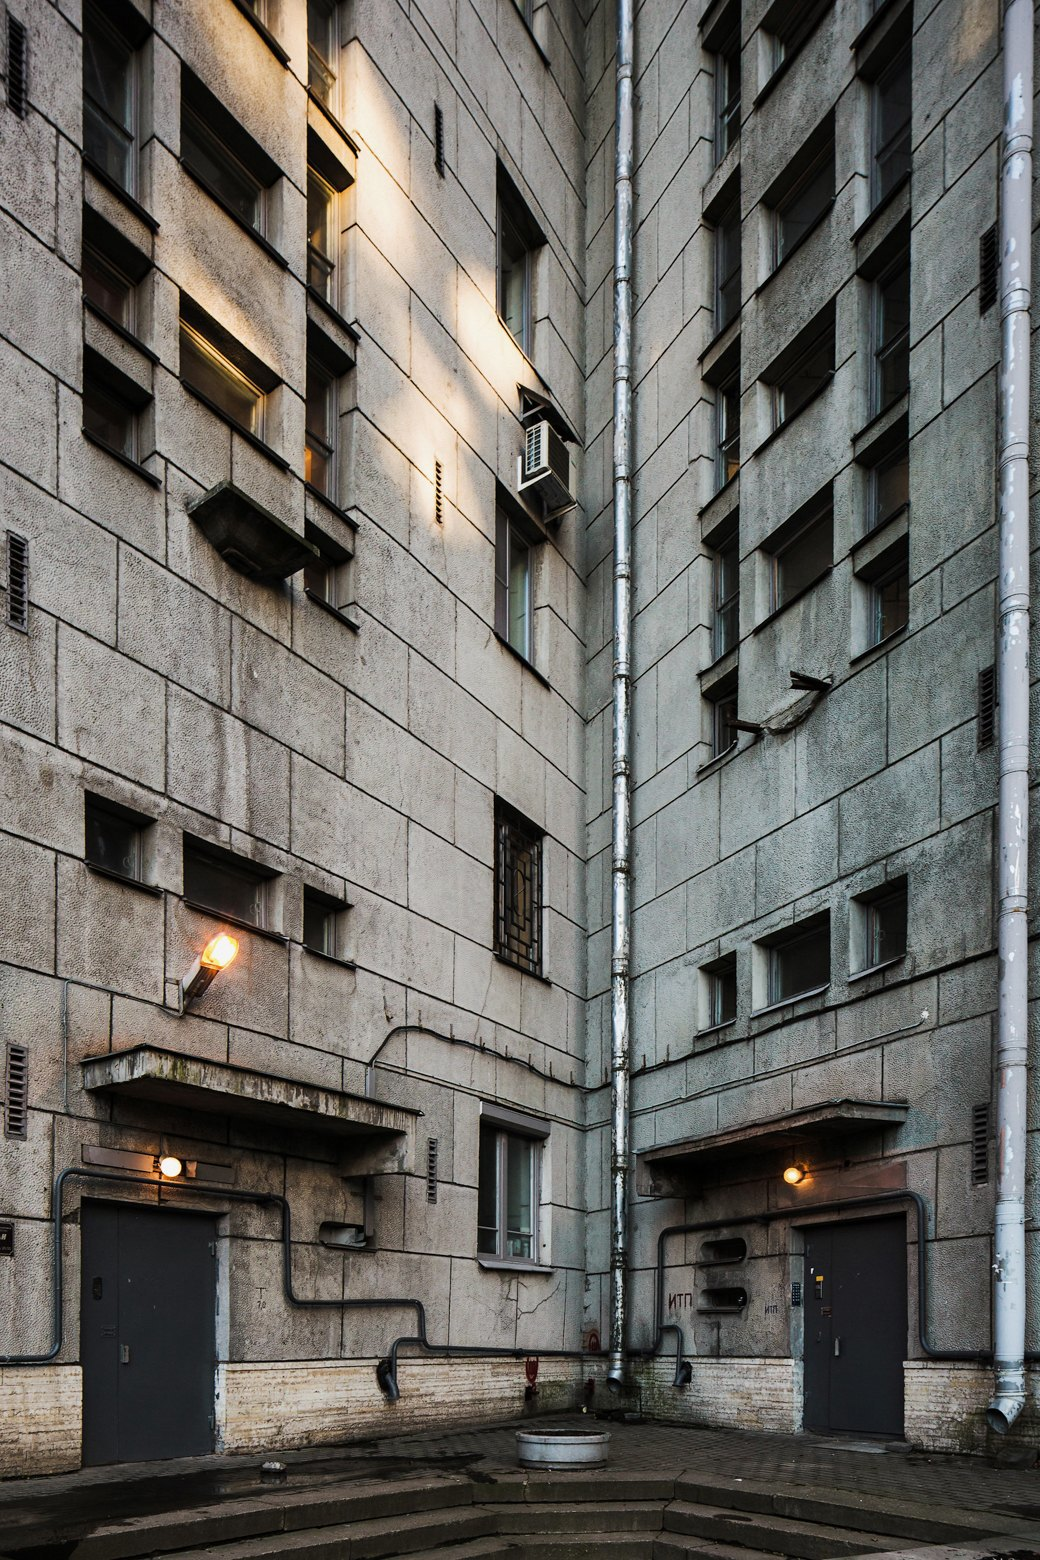 Яживу вдоме Ленсовета наКарповке (Петербург). Изображение № 8.